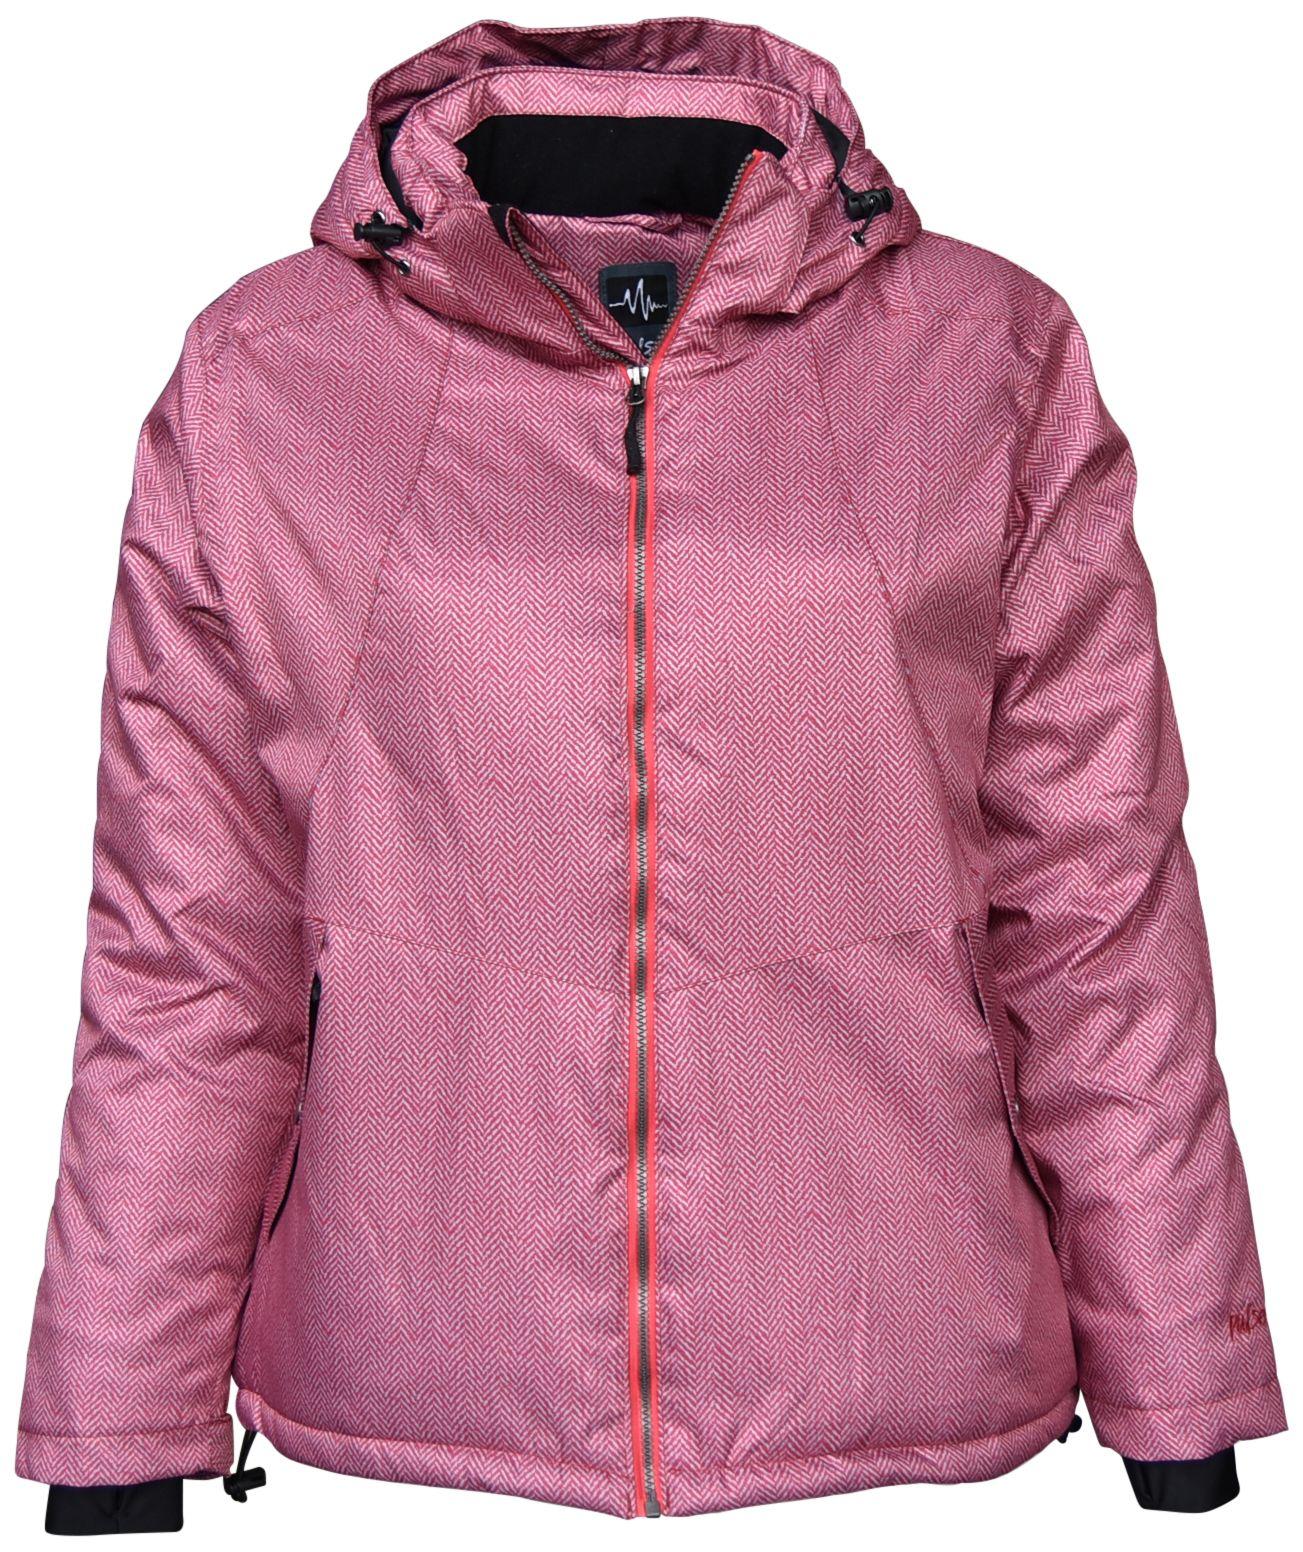 Pulse Women S Extended Plus Size Ivy Insulated Snow Ski Jacket 1x 2x 3x 4x 5x 6x Juicy Melon Ski Jacket Jackets Women Ski Jacket [ 1552 x 1303 Pixel ]